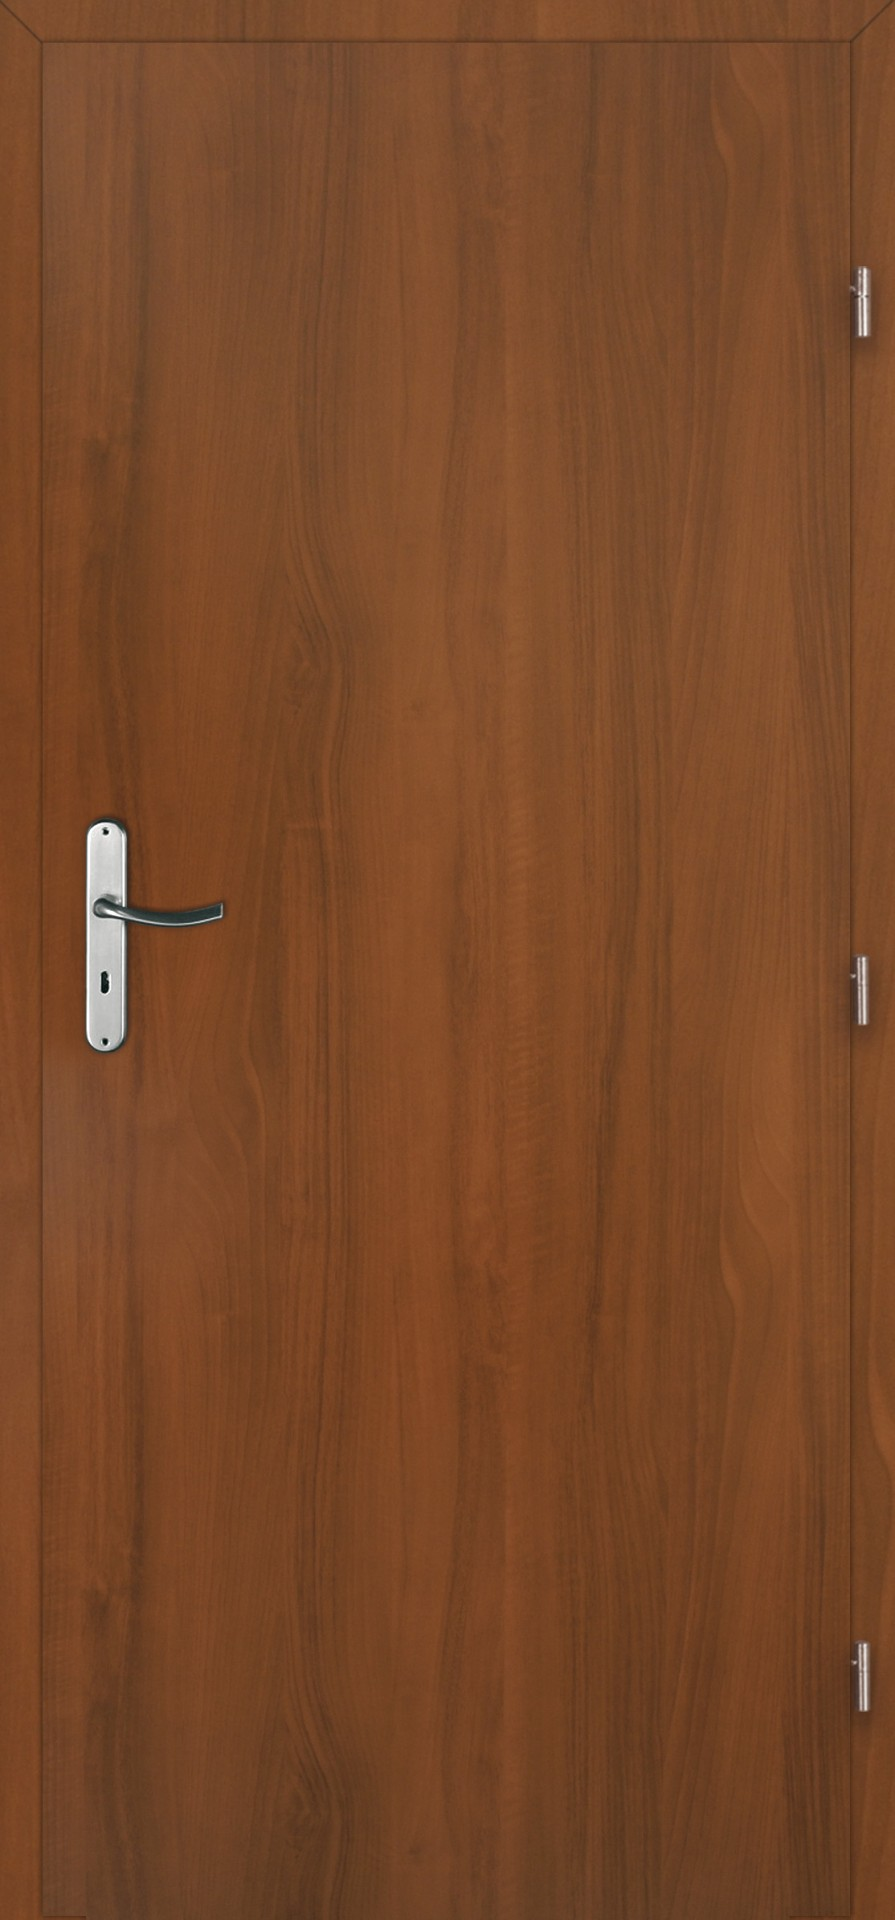 Voster Dveře plné Voster, Šíře v cm 60